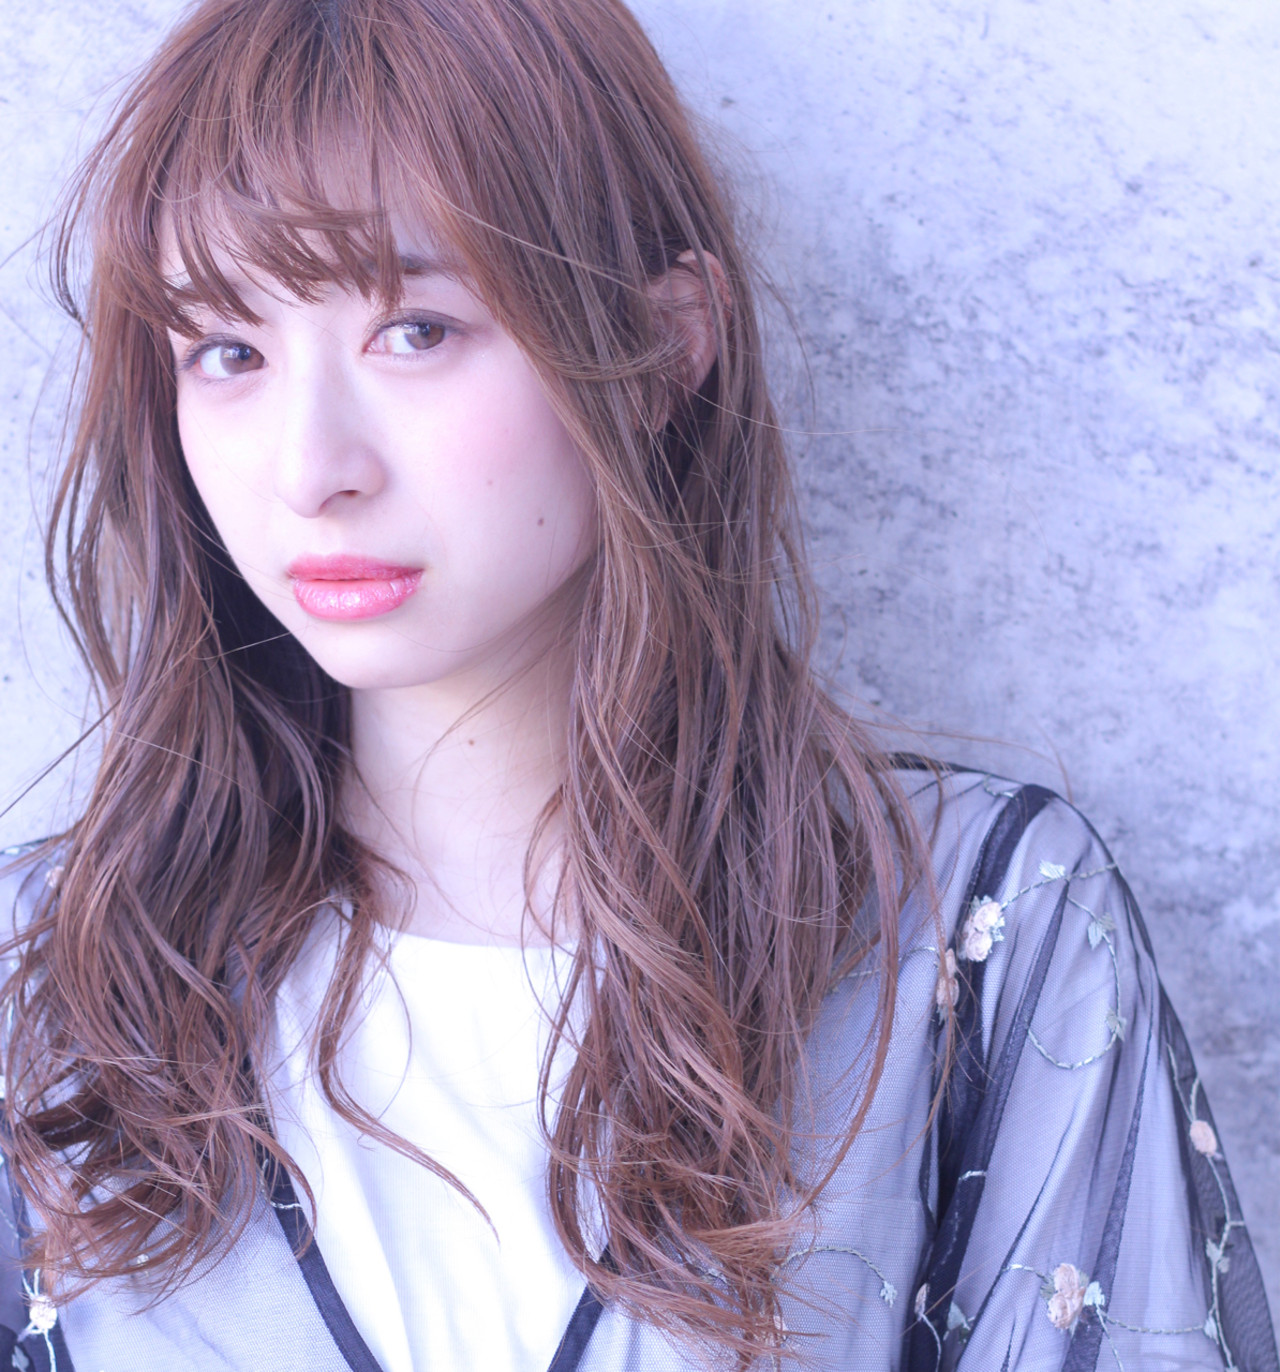 透明感 カール フェミニン ロング ヘアスタイルや髪型の写真・画像 | Wataru Maeda / cache cache